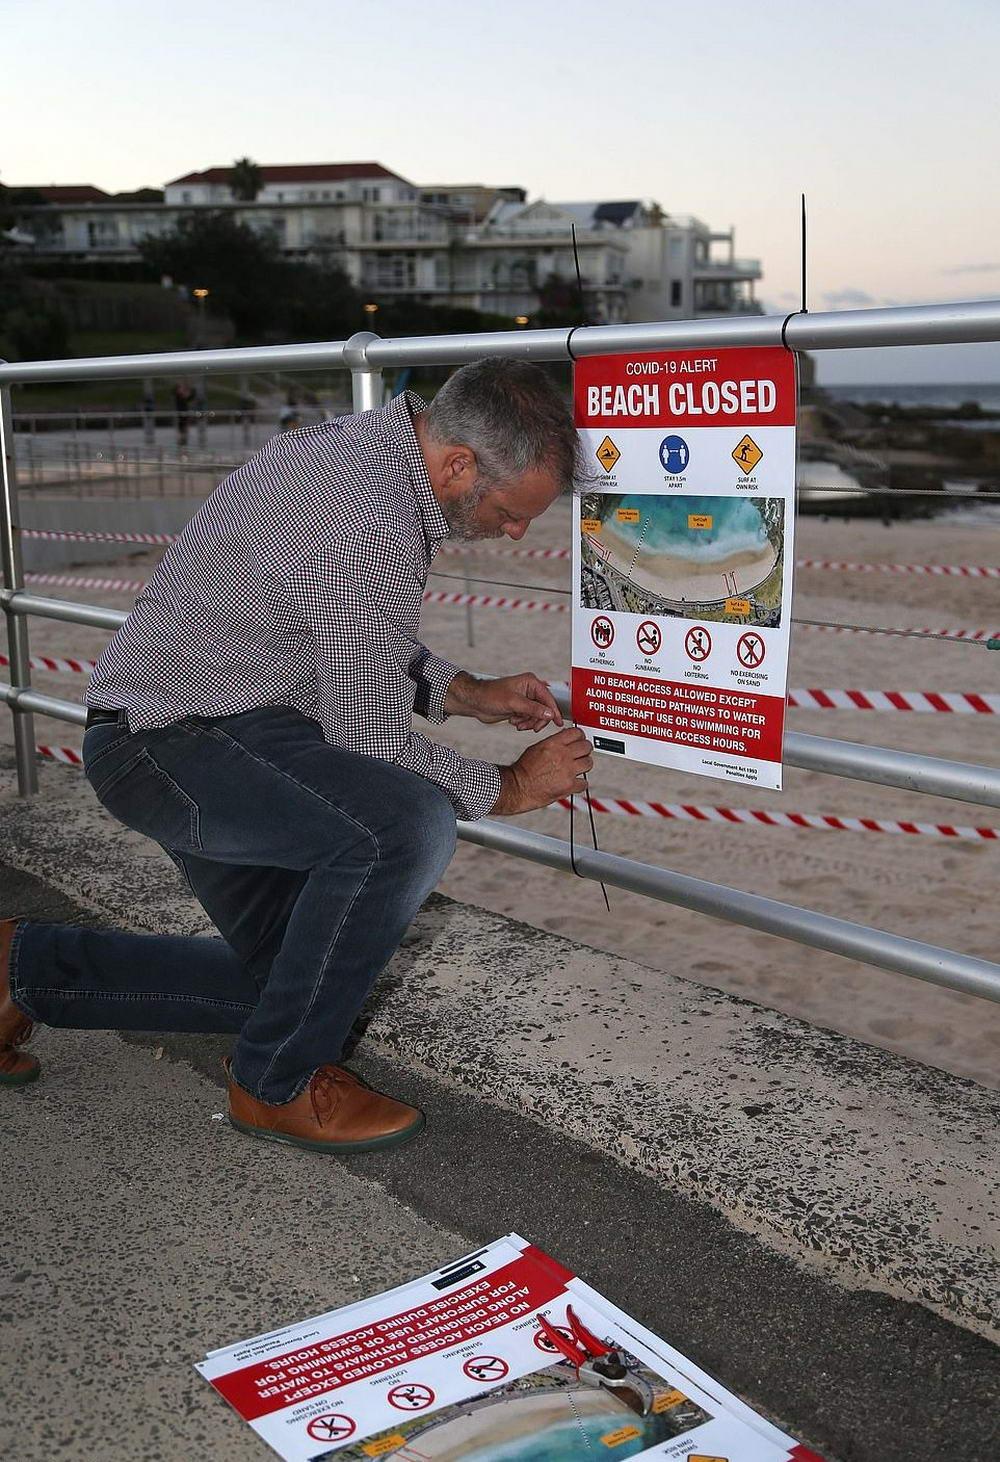 Сиднейский пляж Бонди спустя месяц вновь открыт (30 фото)